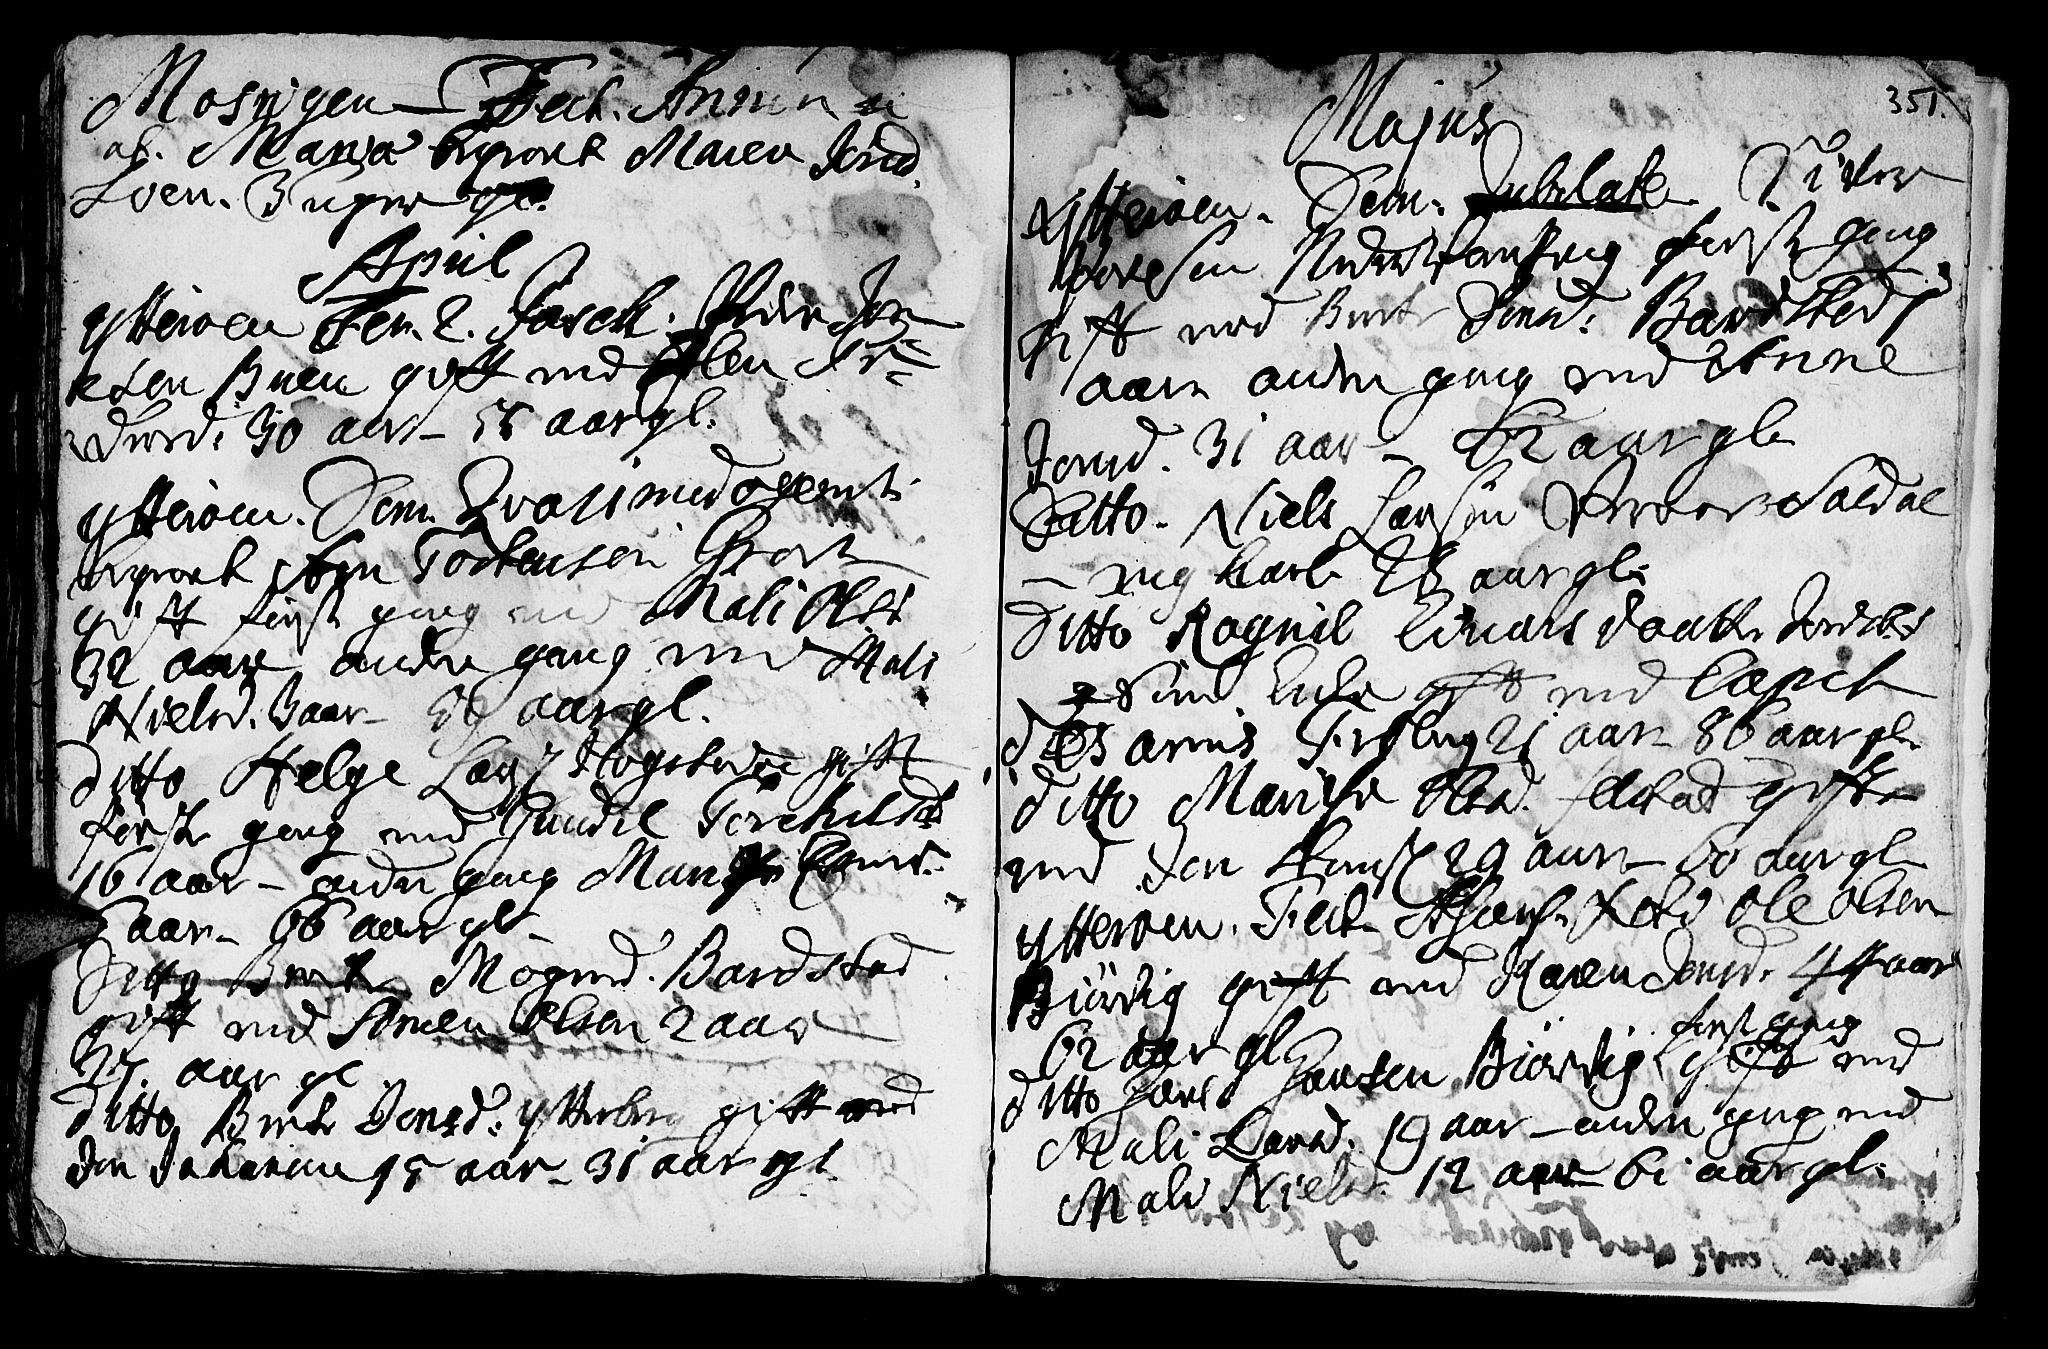 SAT, Ministerialprotokoller, klokkerbøker og fødselsregistre - Nord-Trøndelag, 722/L0215: Ministerialbok nr. 722A02, 1718-1755, s. 351